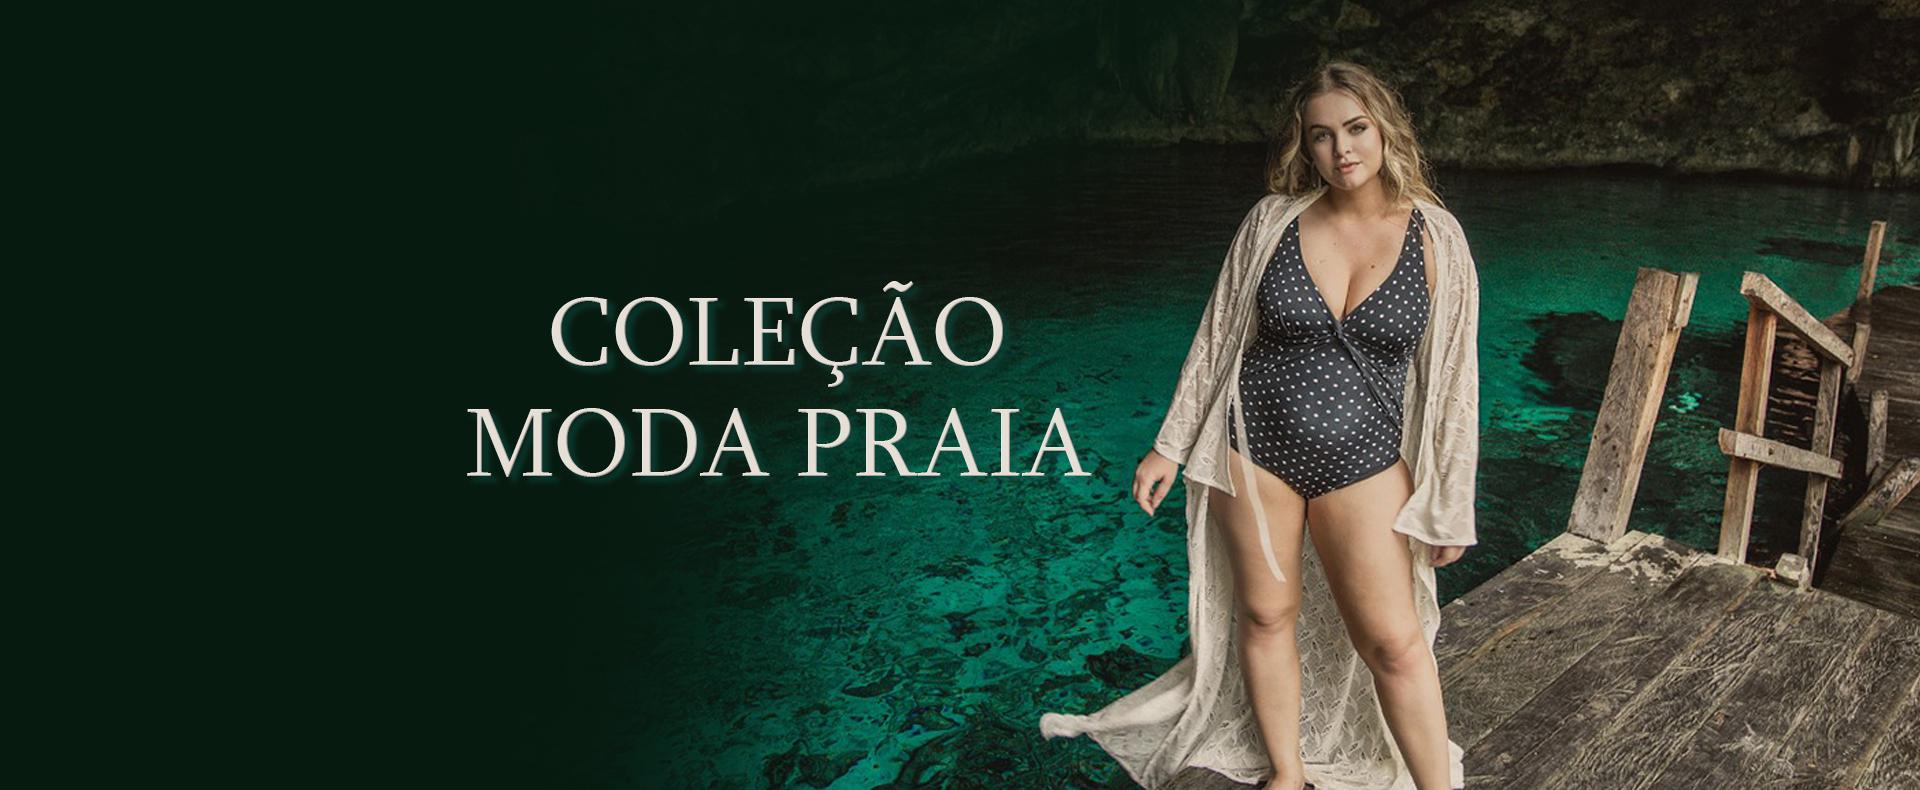 Banner Principal - Coleção Resort